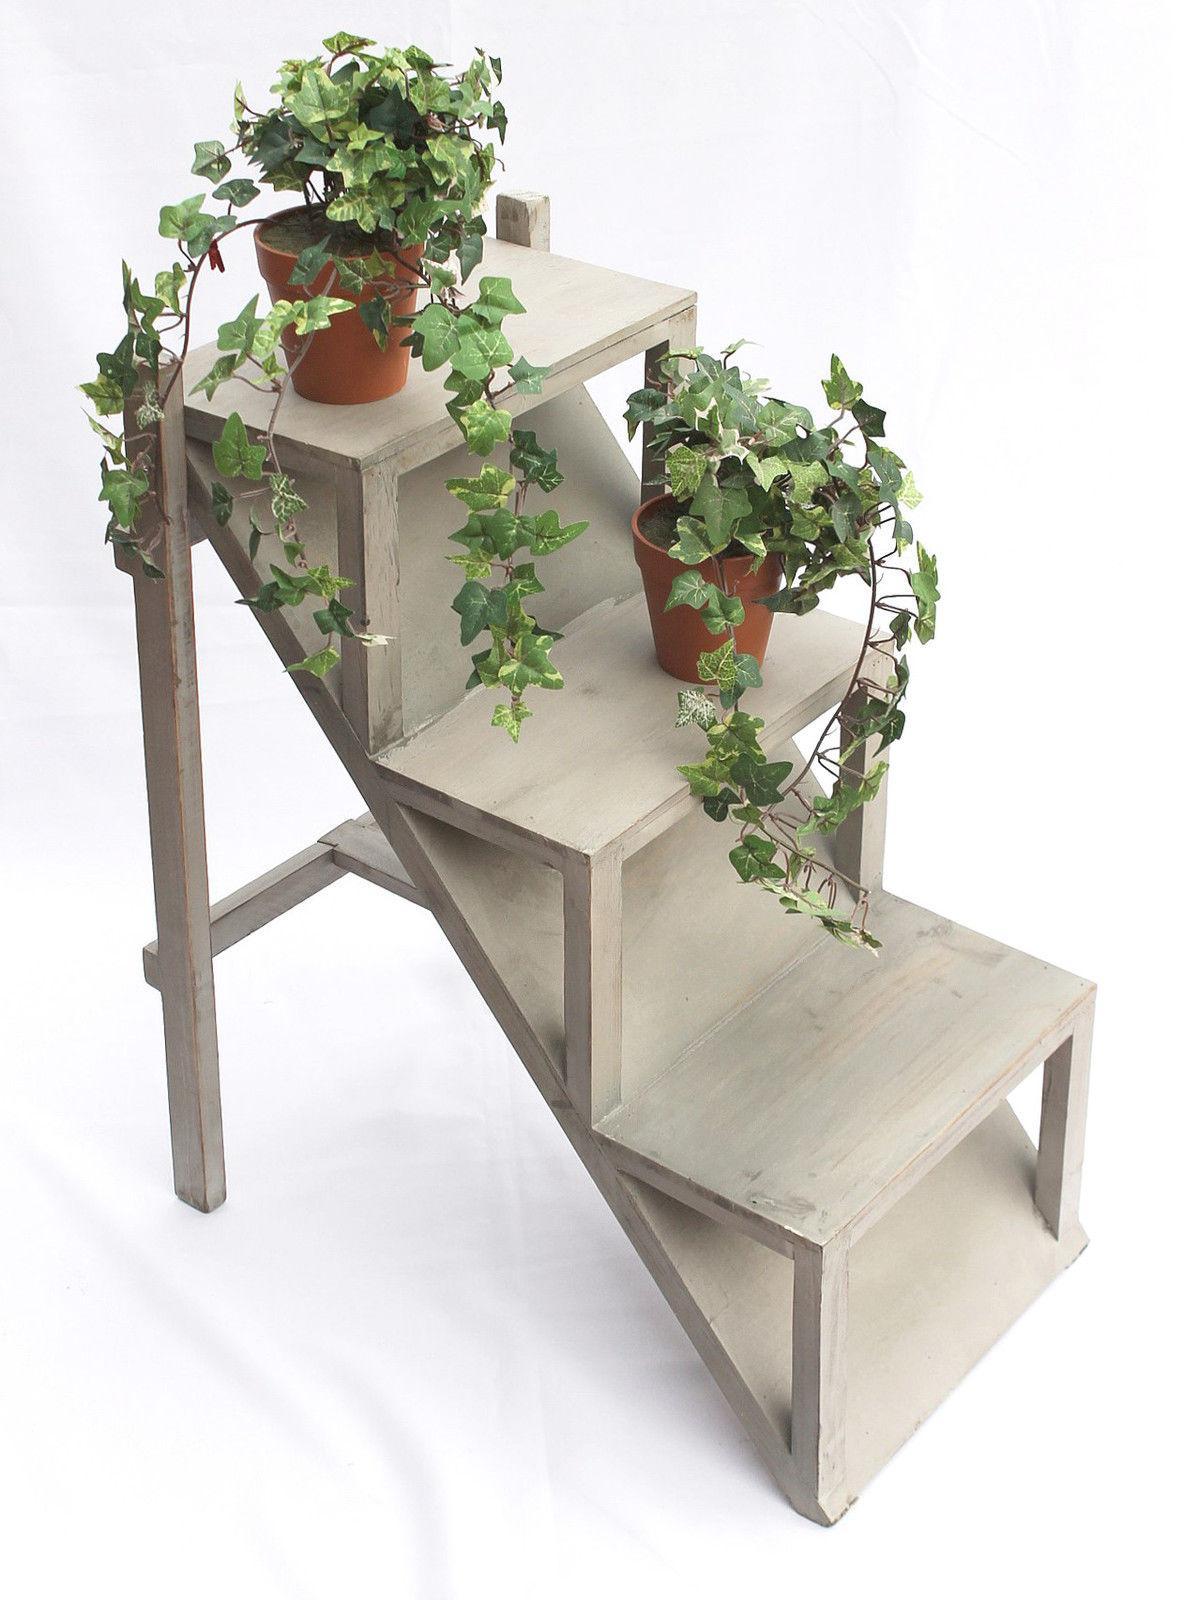 Fleurs escaliers 14b370 en bois 66 cm jardini res pour - Jardiniere etroite ...